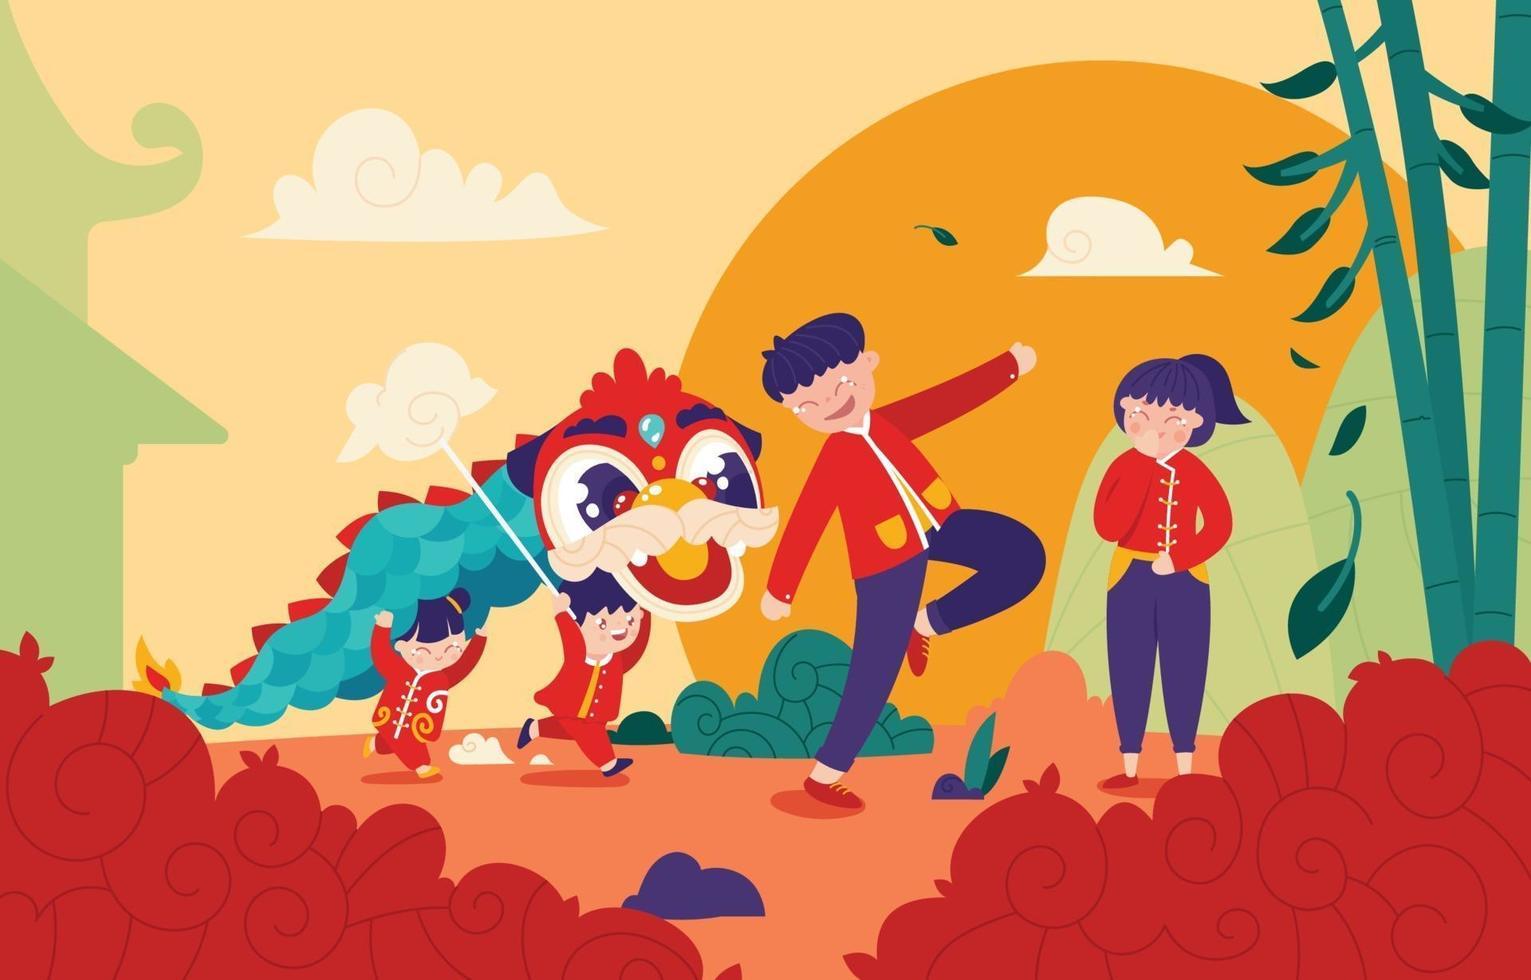 familia feliz jugando danza del león en el festival de año nuevo chino vector